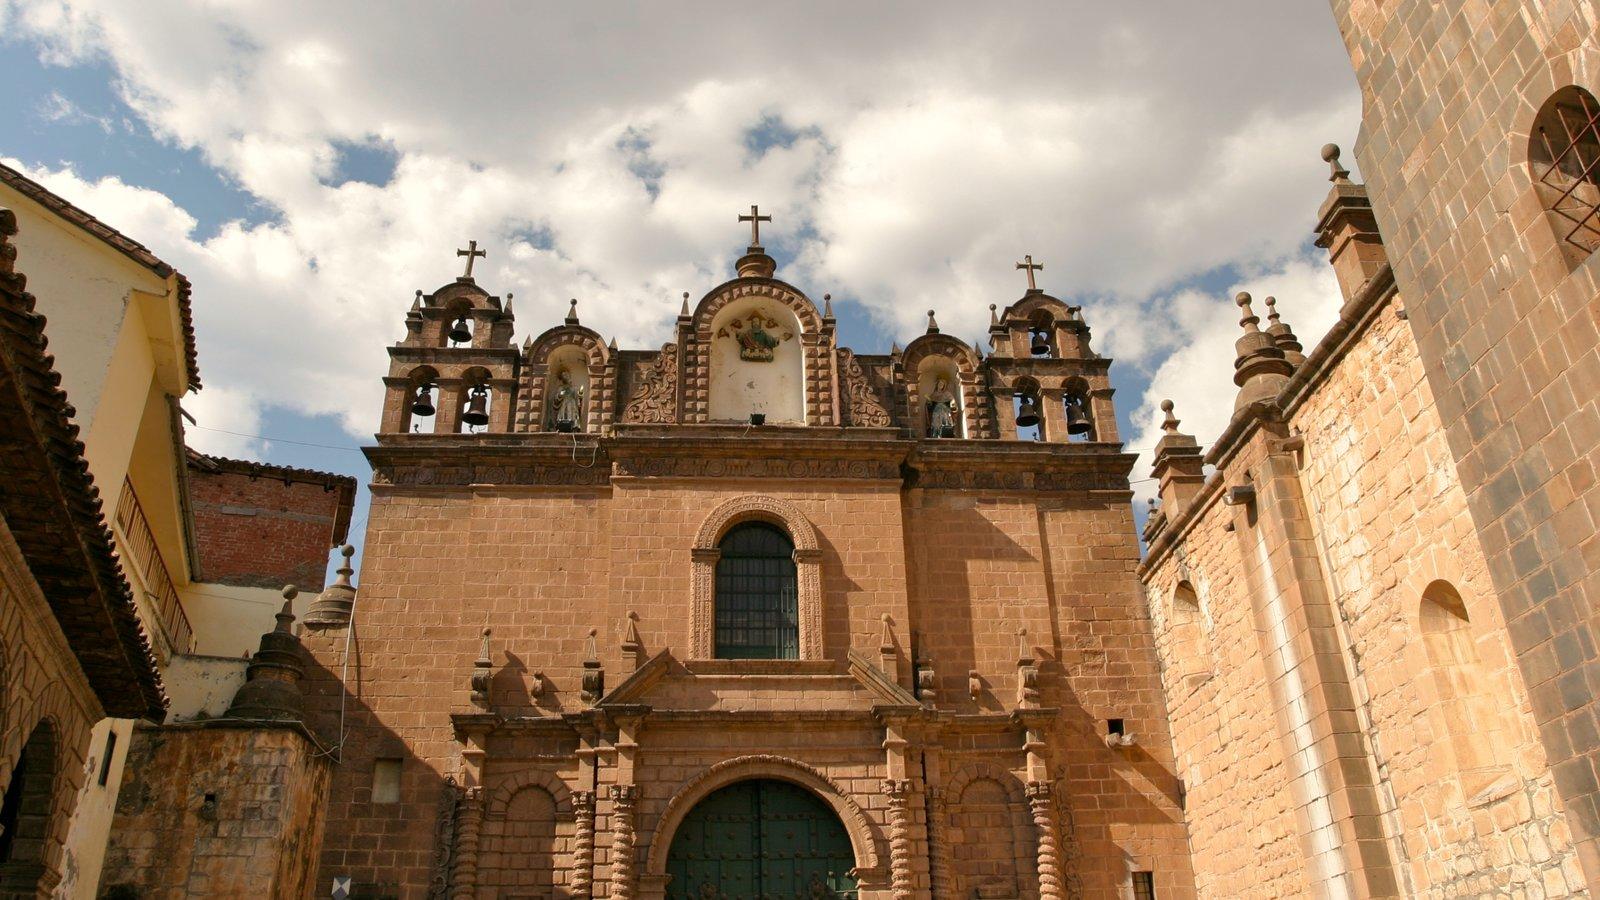 Cuzco mostrando elementos religiosos e uma igreja ou catedral